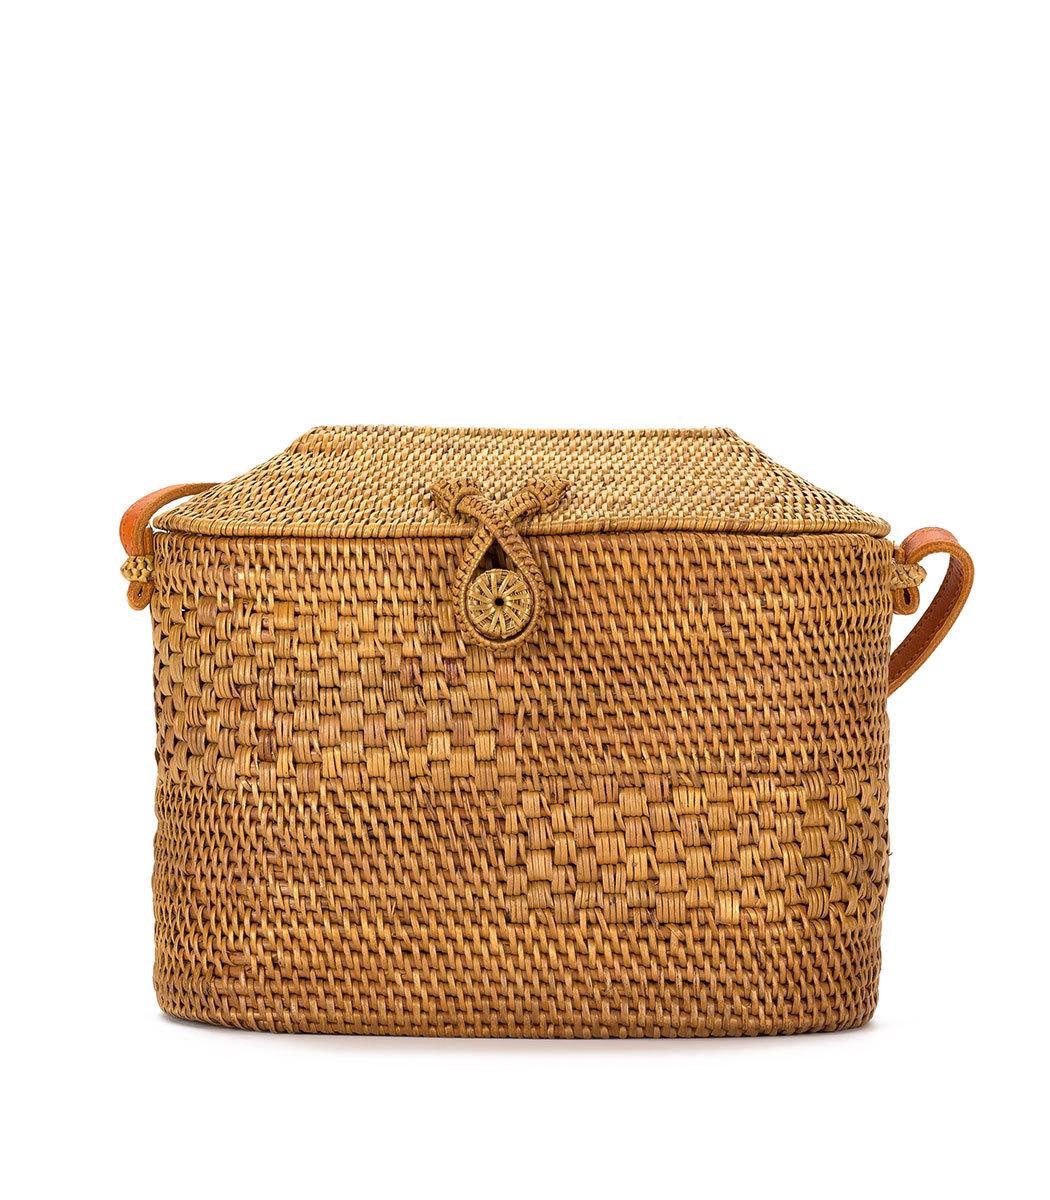 BEMBIEN Marfa Bag in Natural